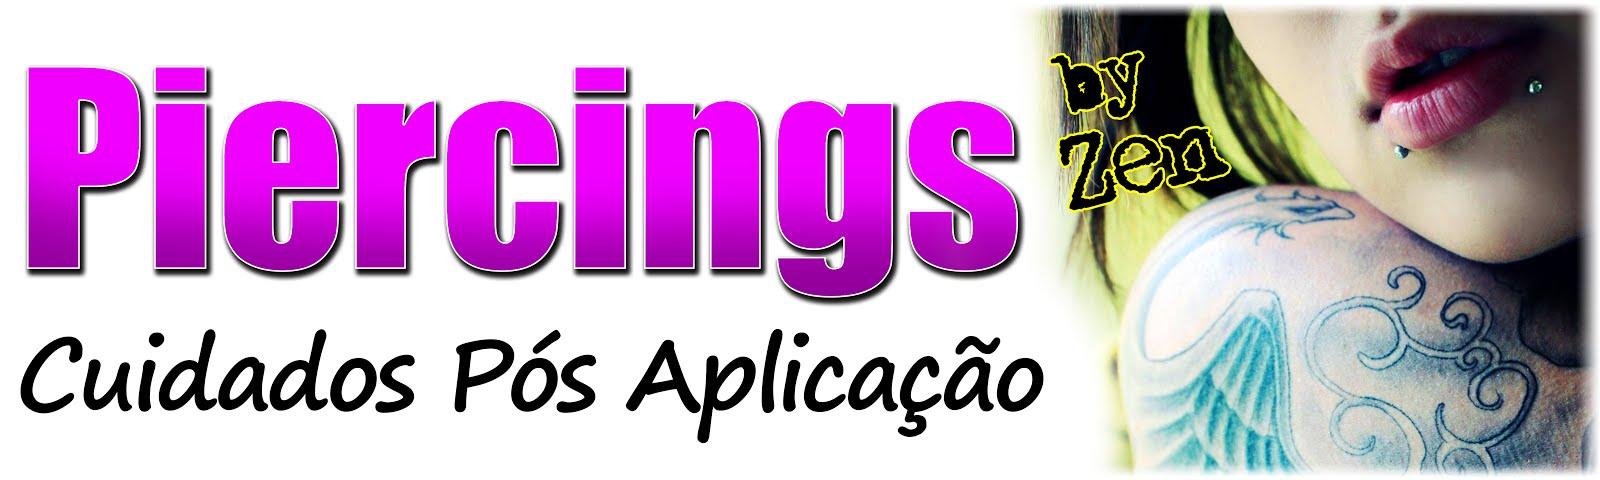 Piercings - Cuidados Pós Aplicação - Resumido